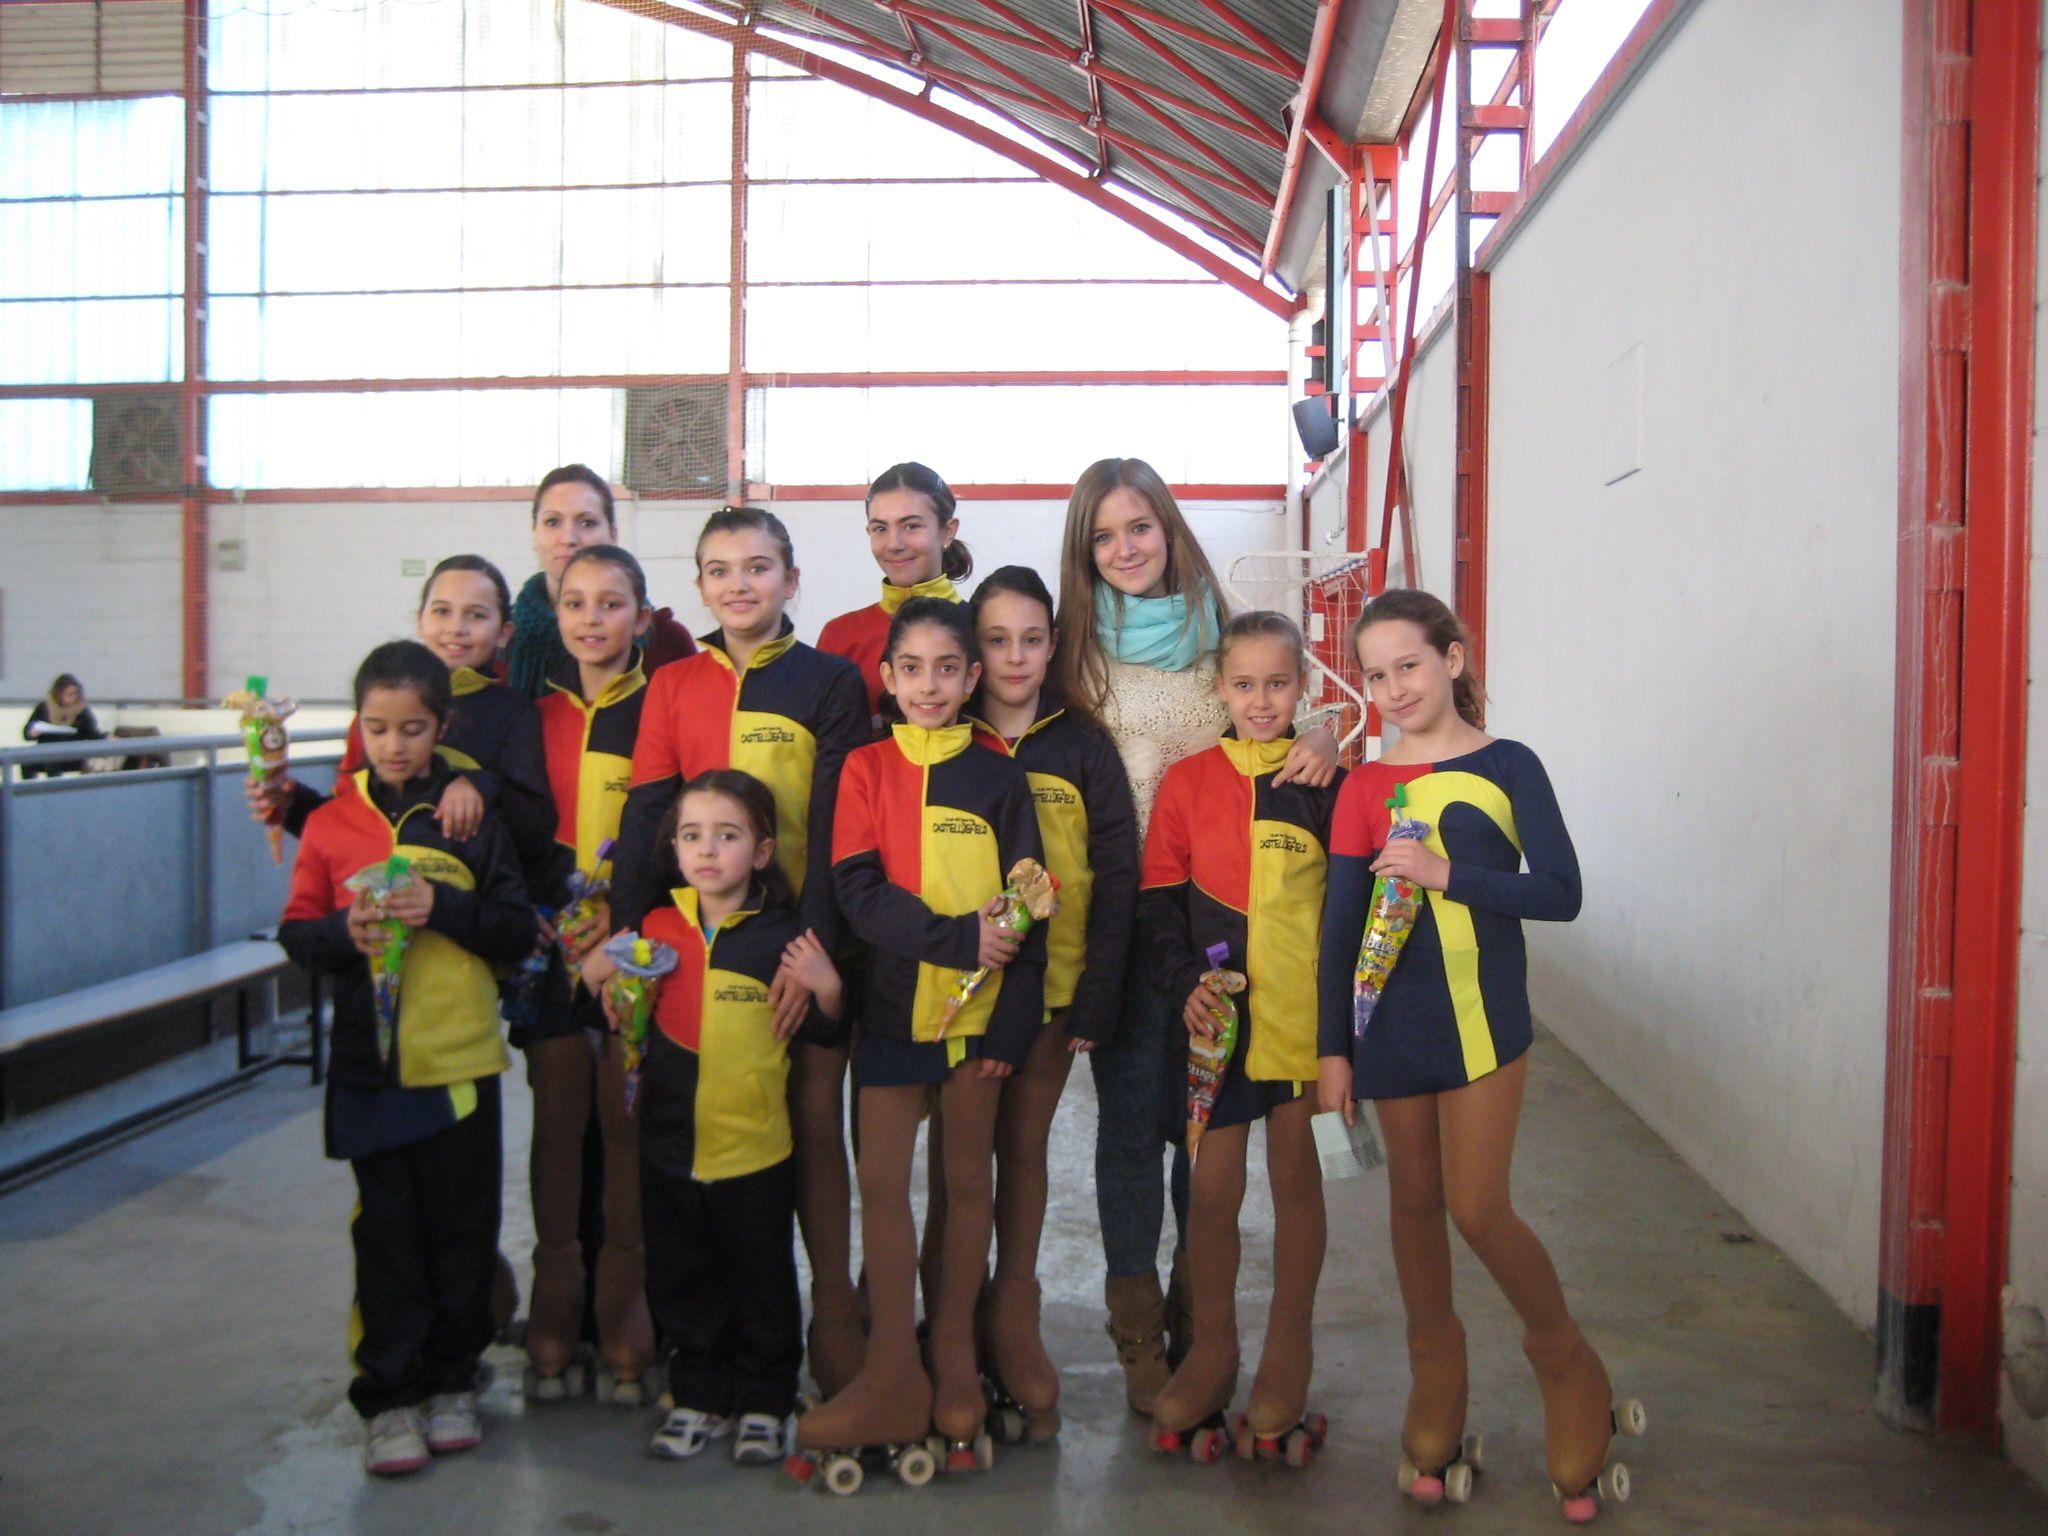 2014-02-22 2ª Jornada Consell Escolar (ps+prbj+alv) a El Prat de LLobregat - Galeria de fotos i resultats